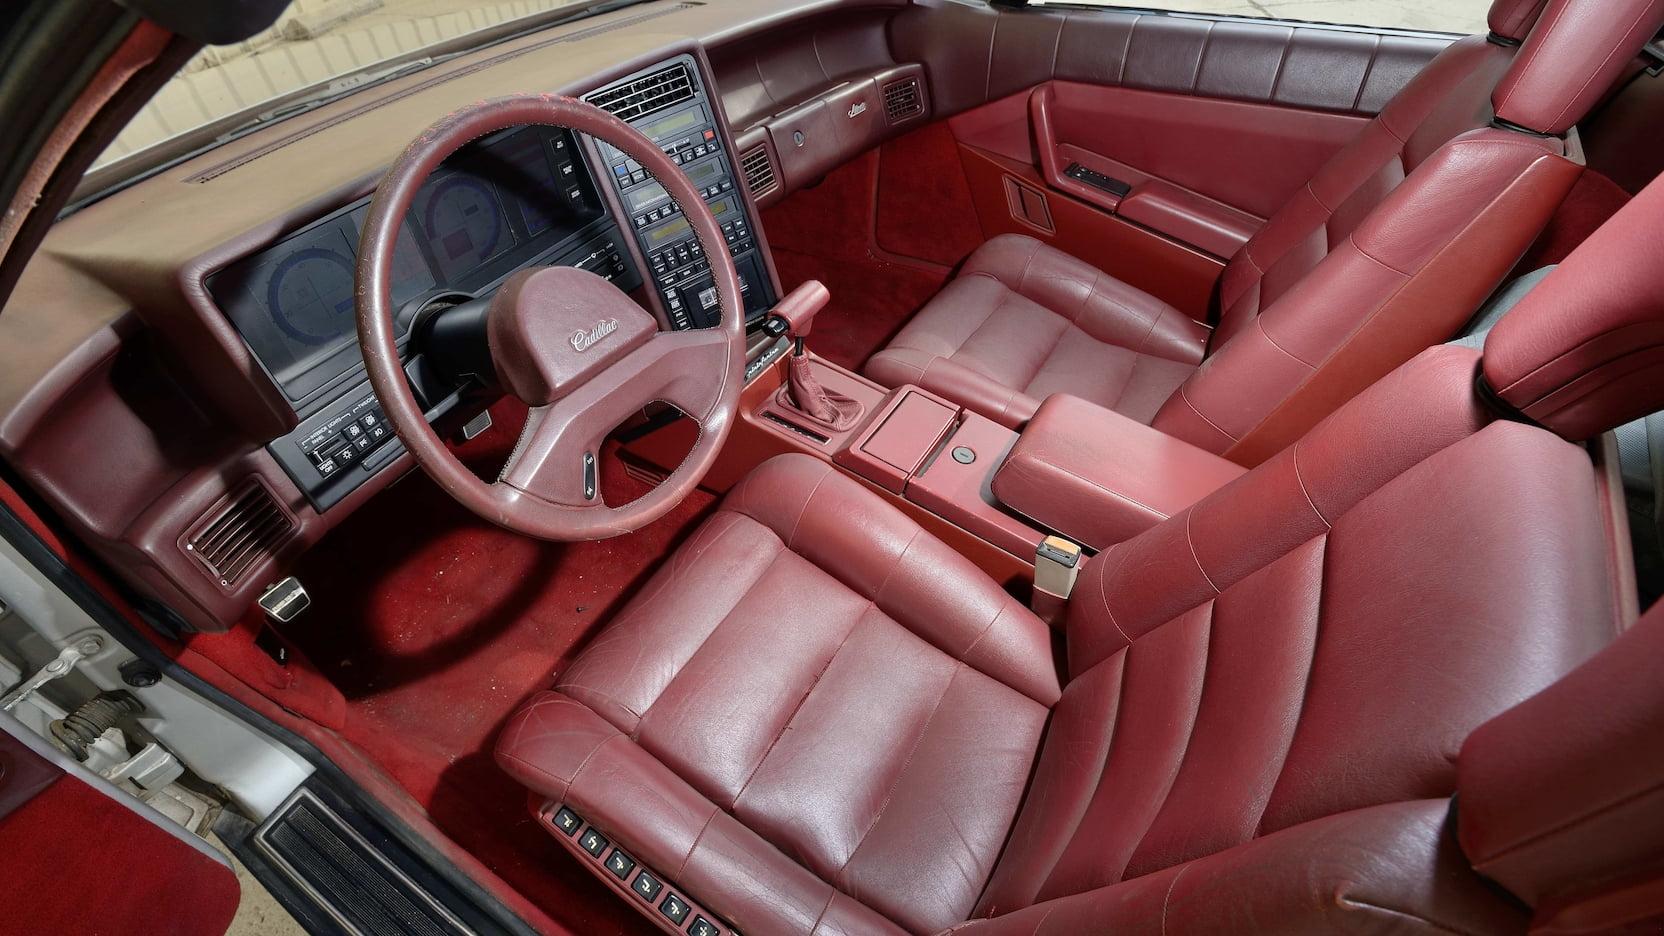 1987 Cadillac Allante interior seats